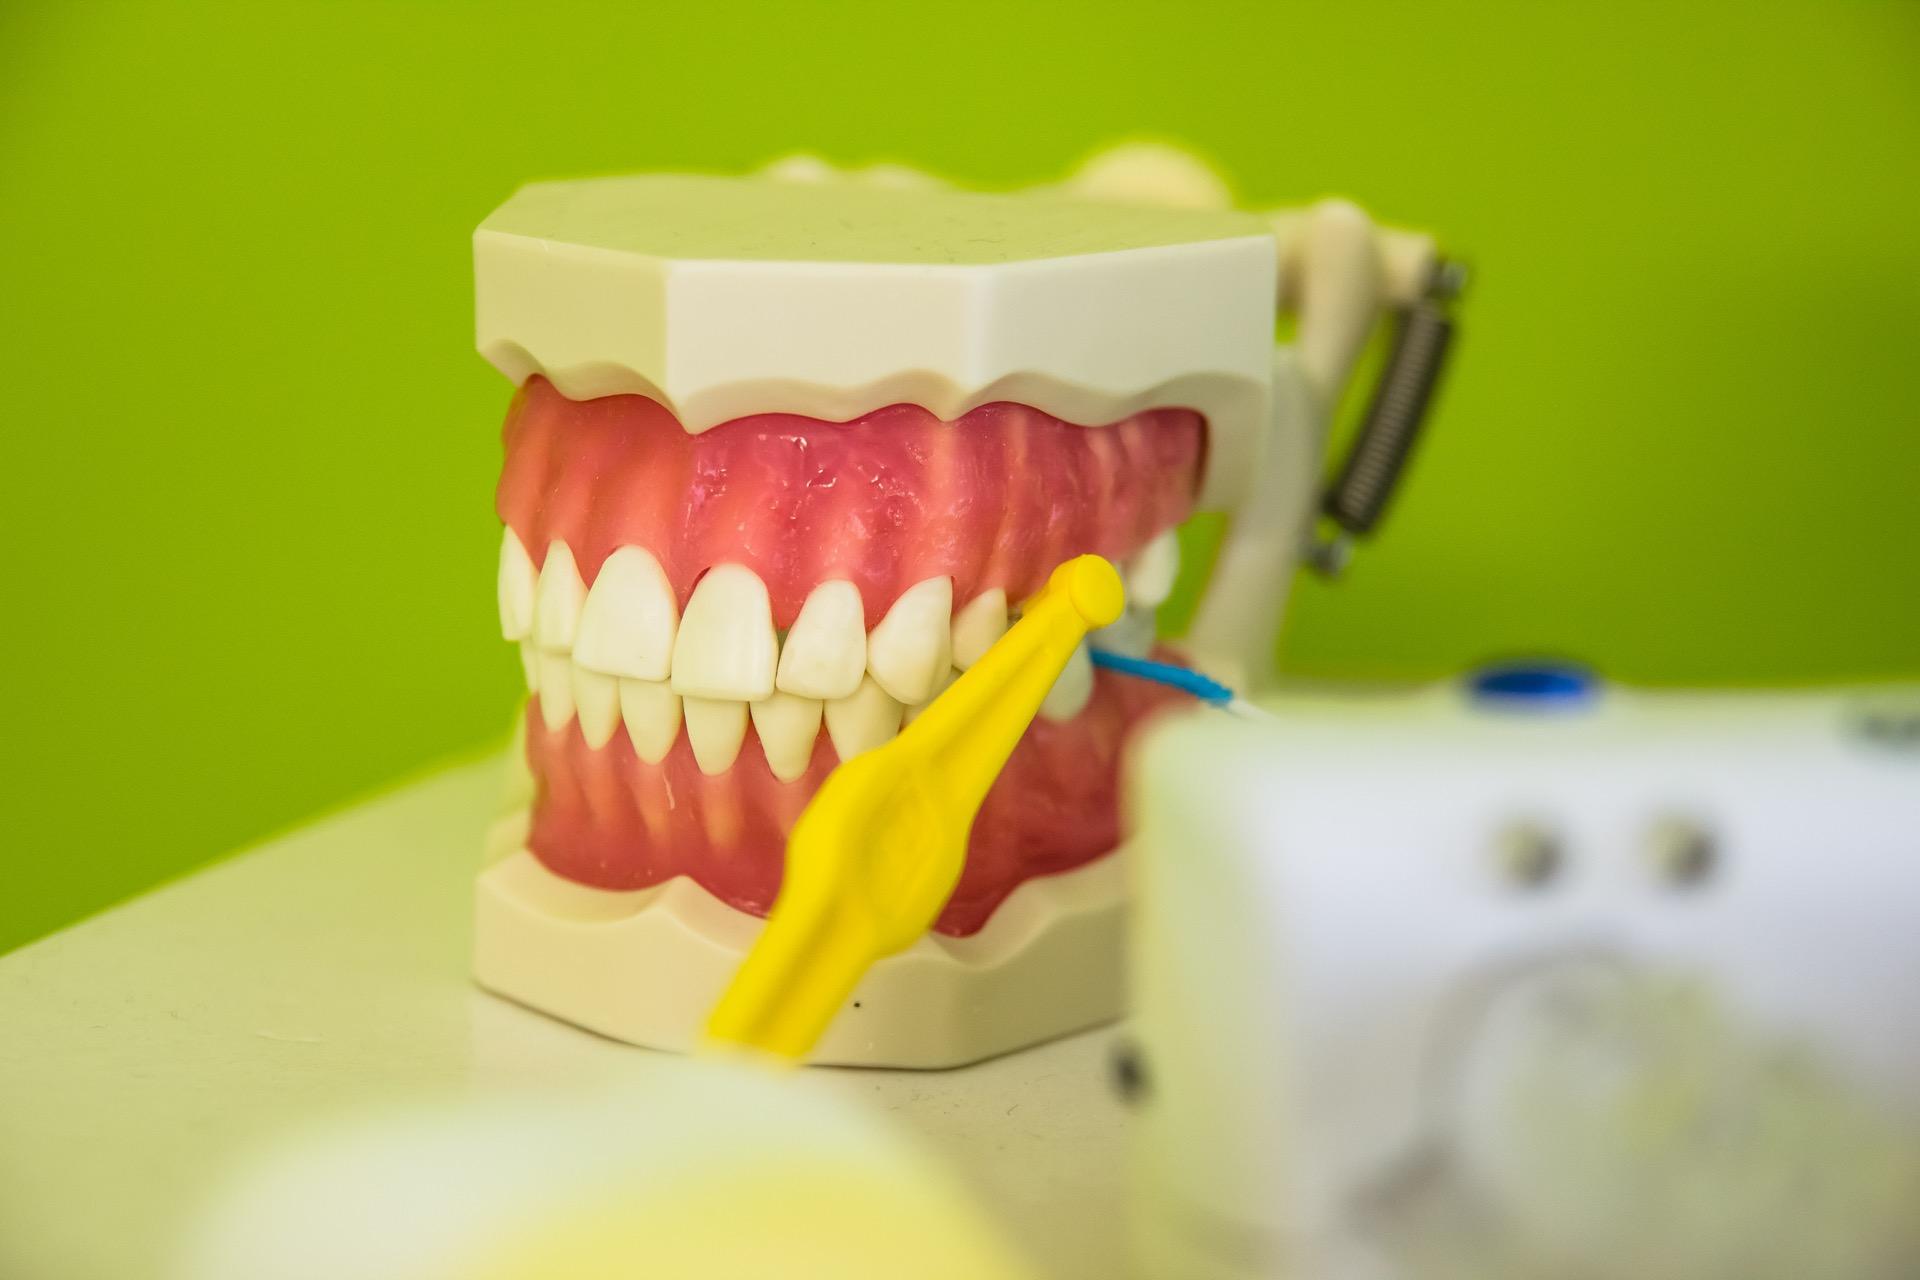 pulizia denti messina